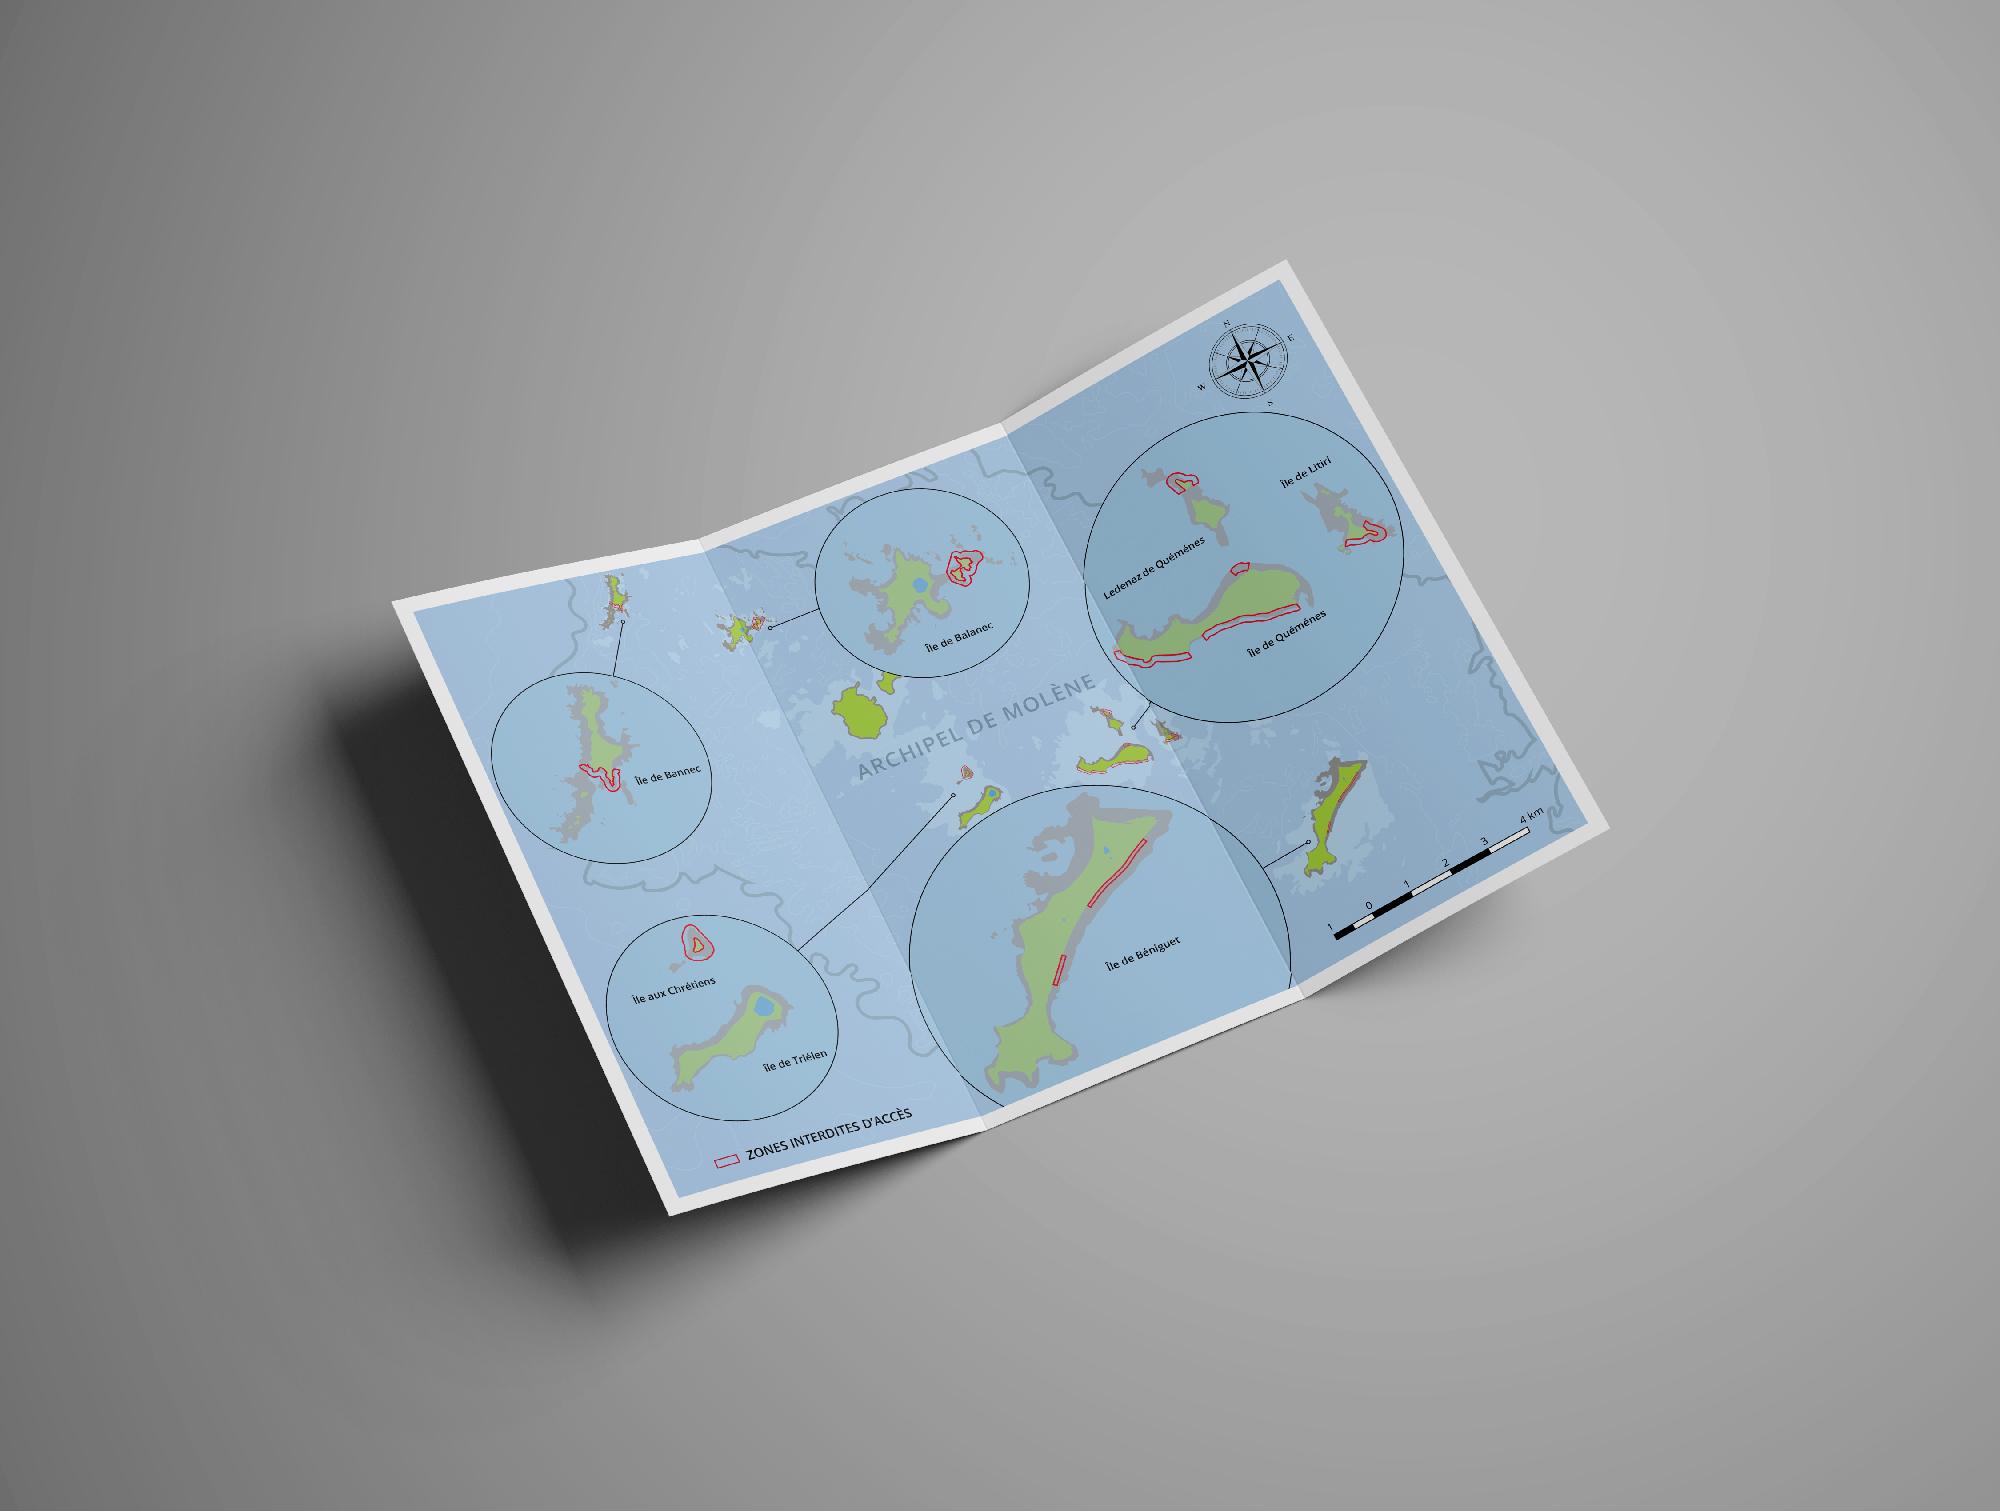 Dépliant Parc Naturel Maritime D'iroise - Graphiste ecorespoandable Com un poisson - comunpoisson.co